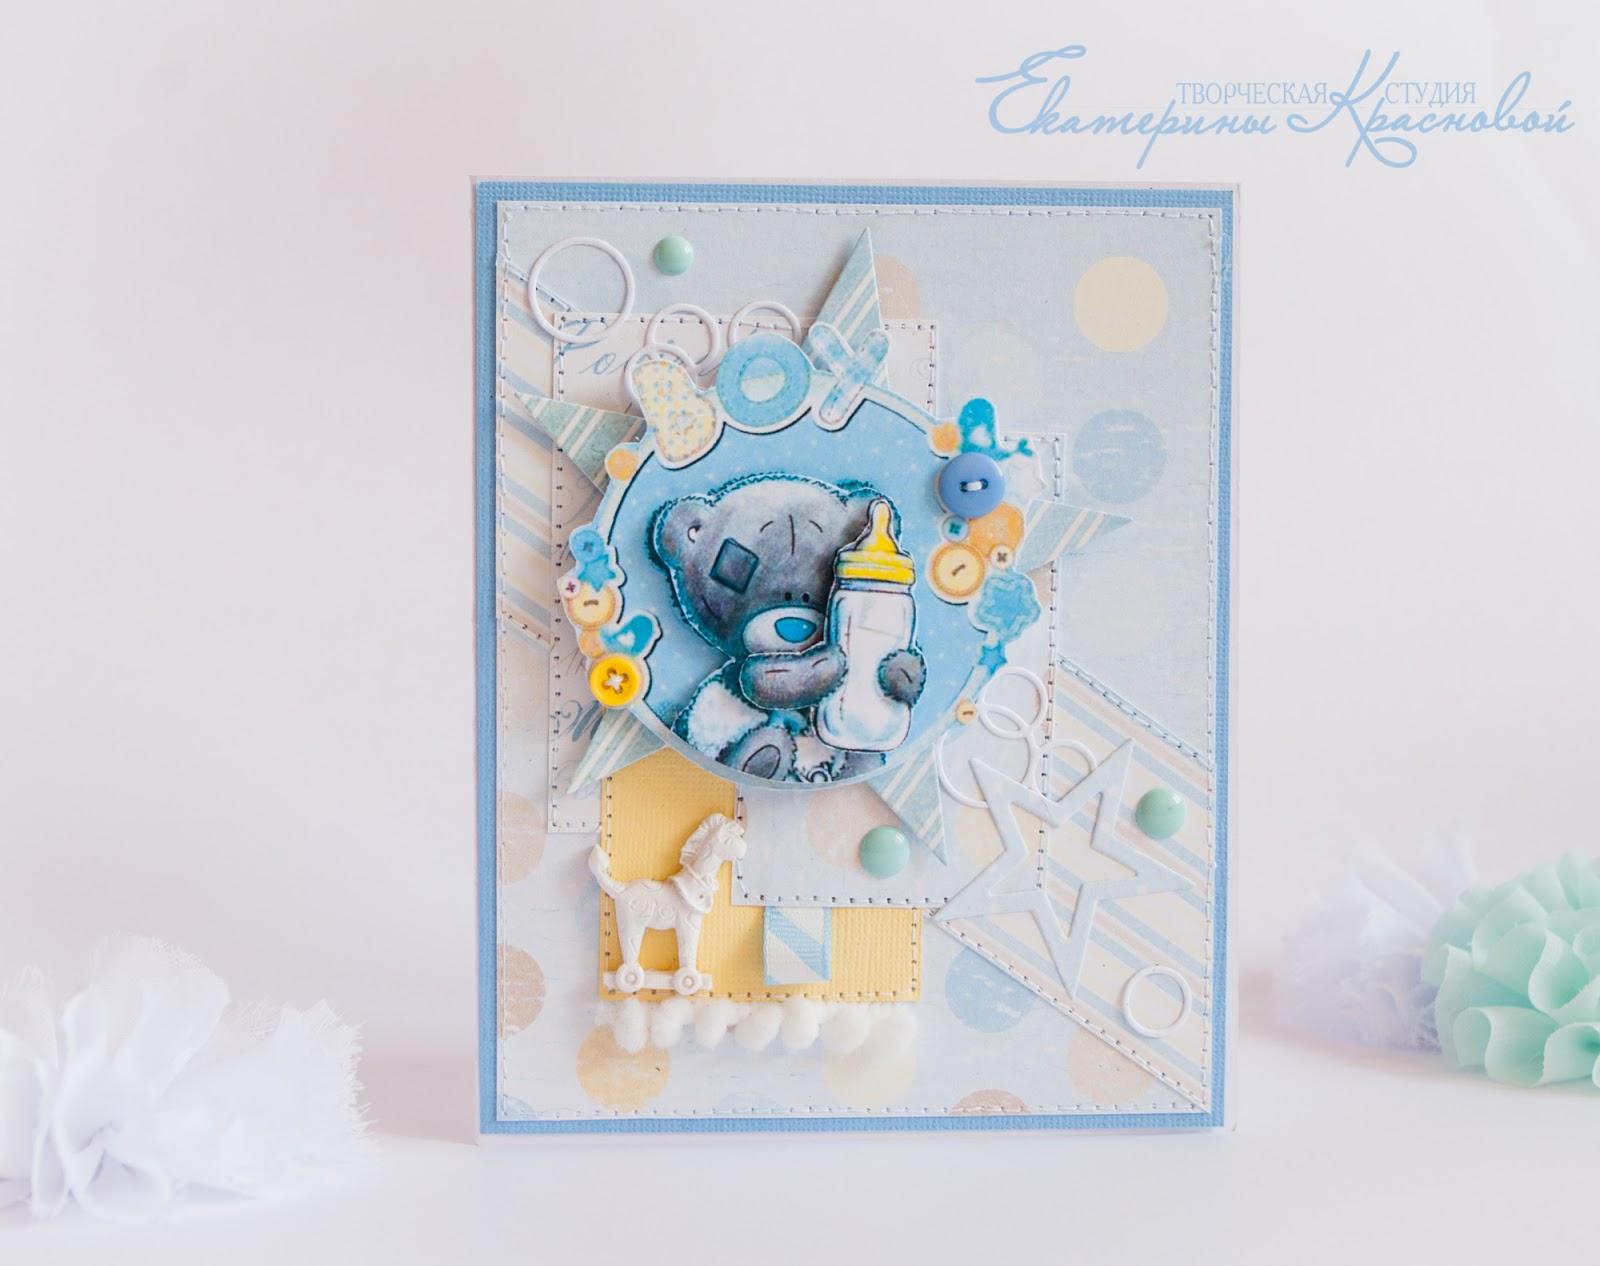 Как сделать открытку С новорожденным своими руками? 4